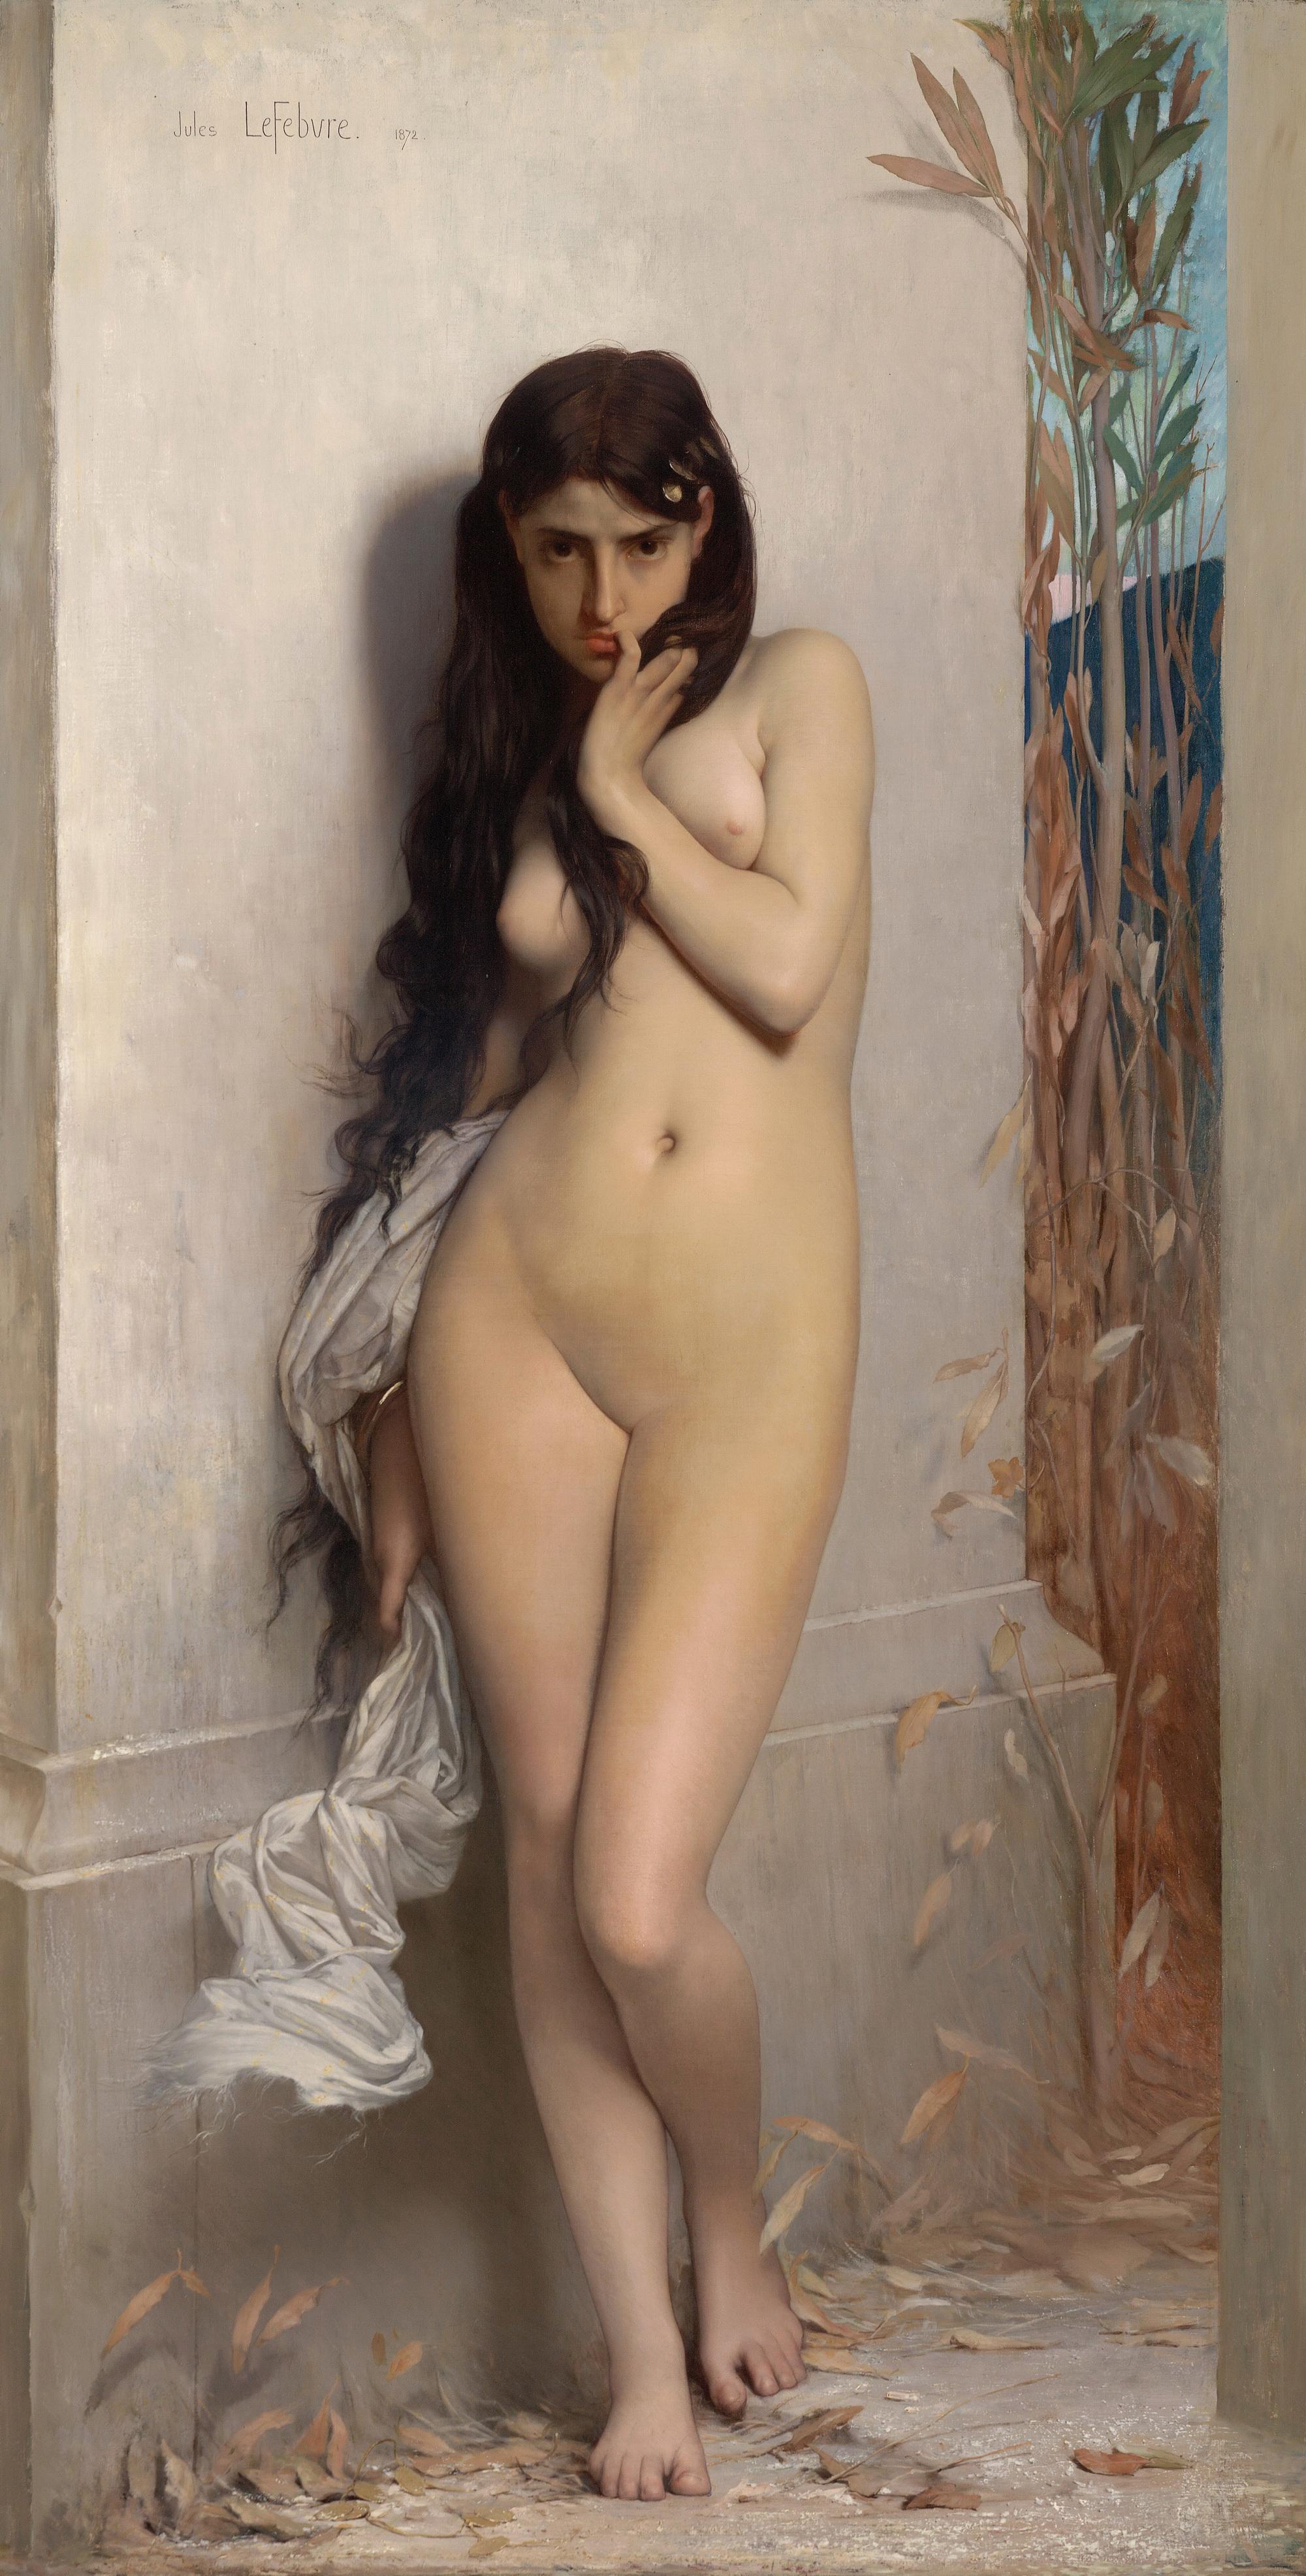 foto-ya-moe-nyu-erotika-7